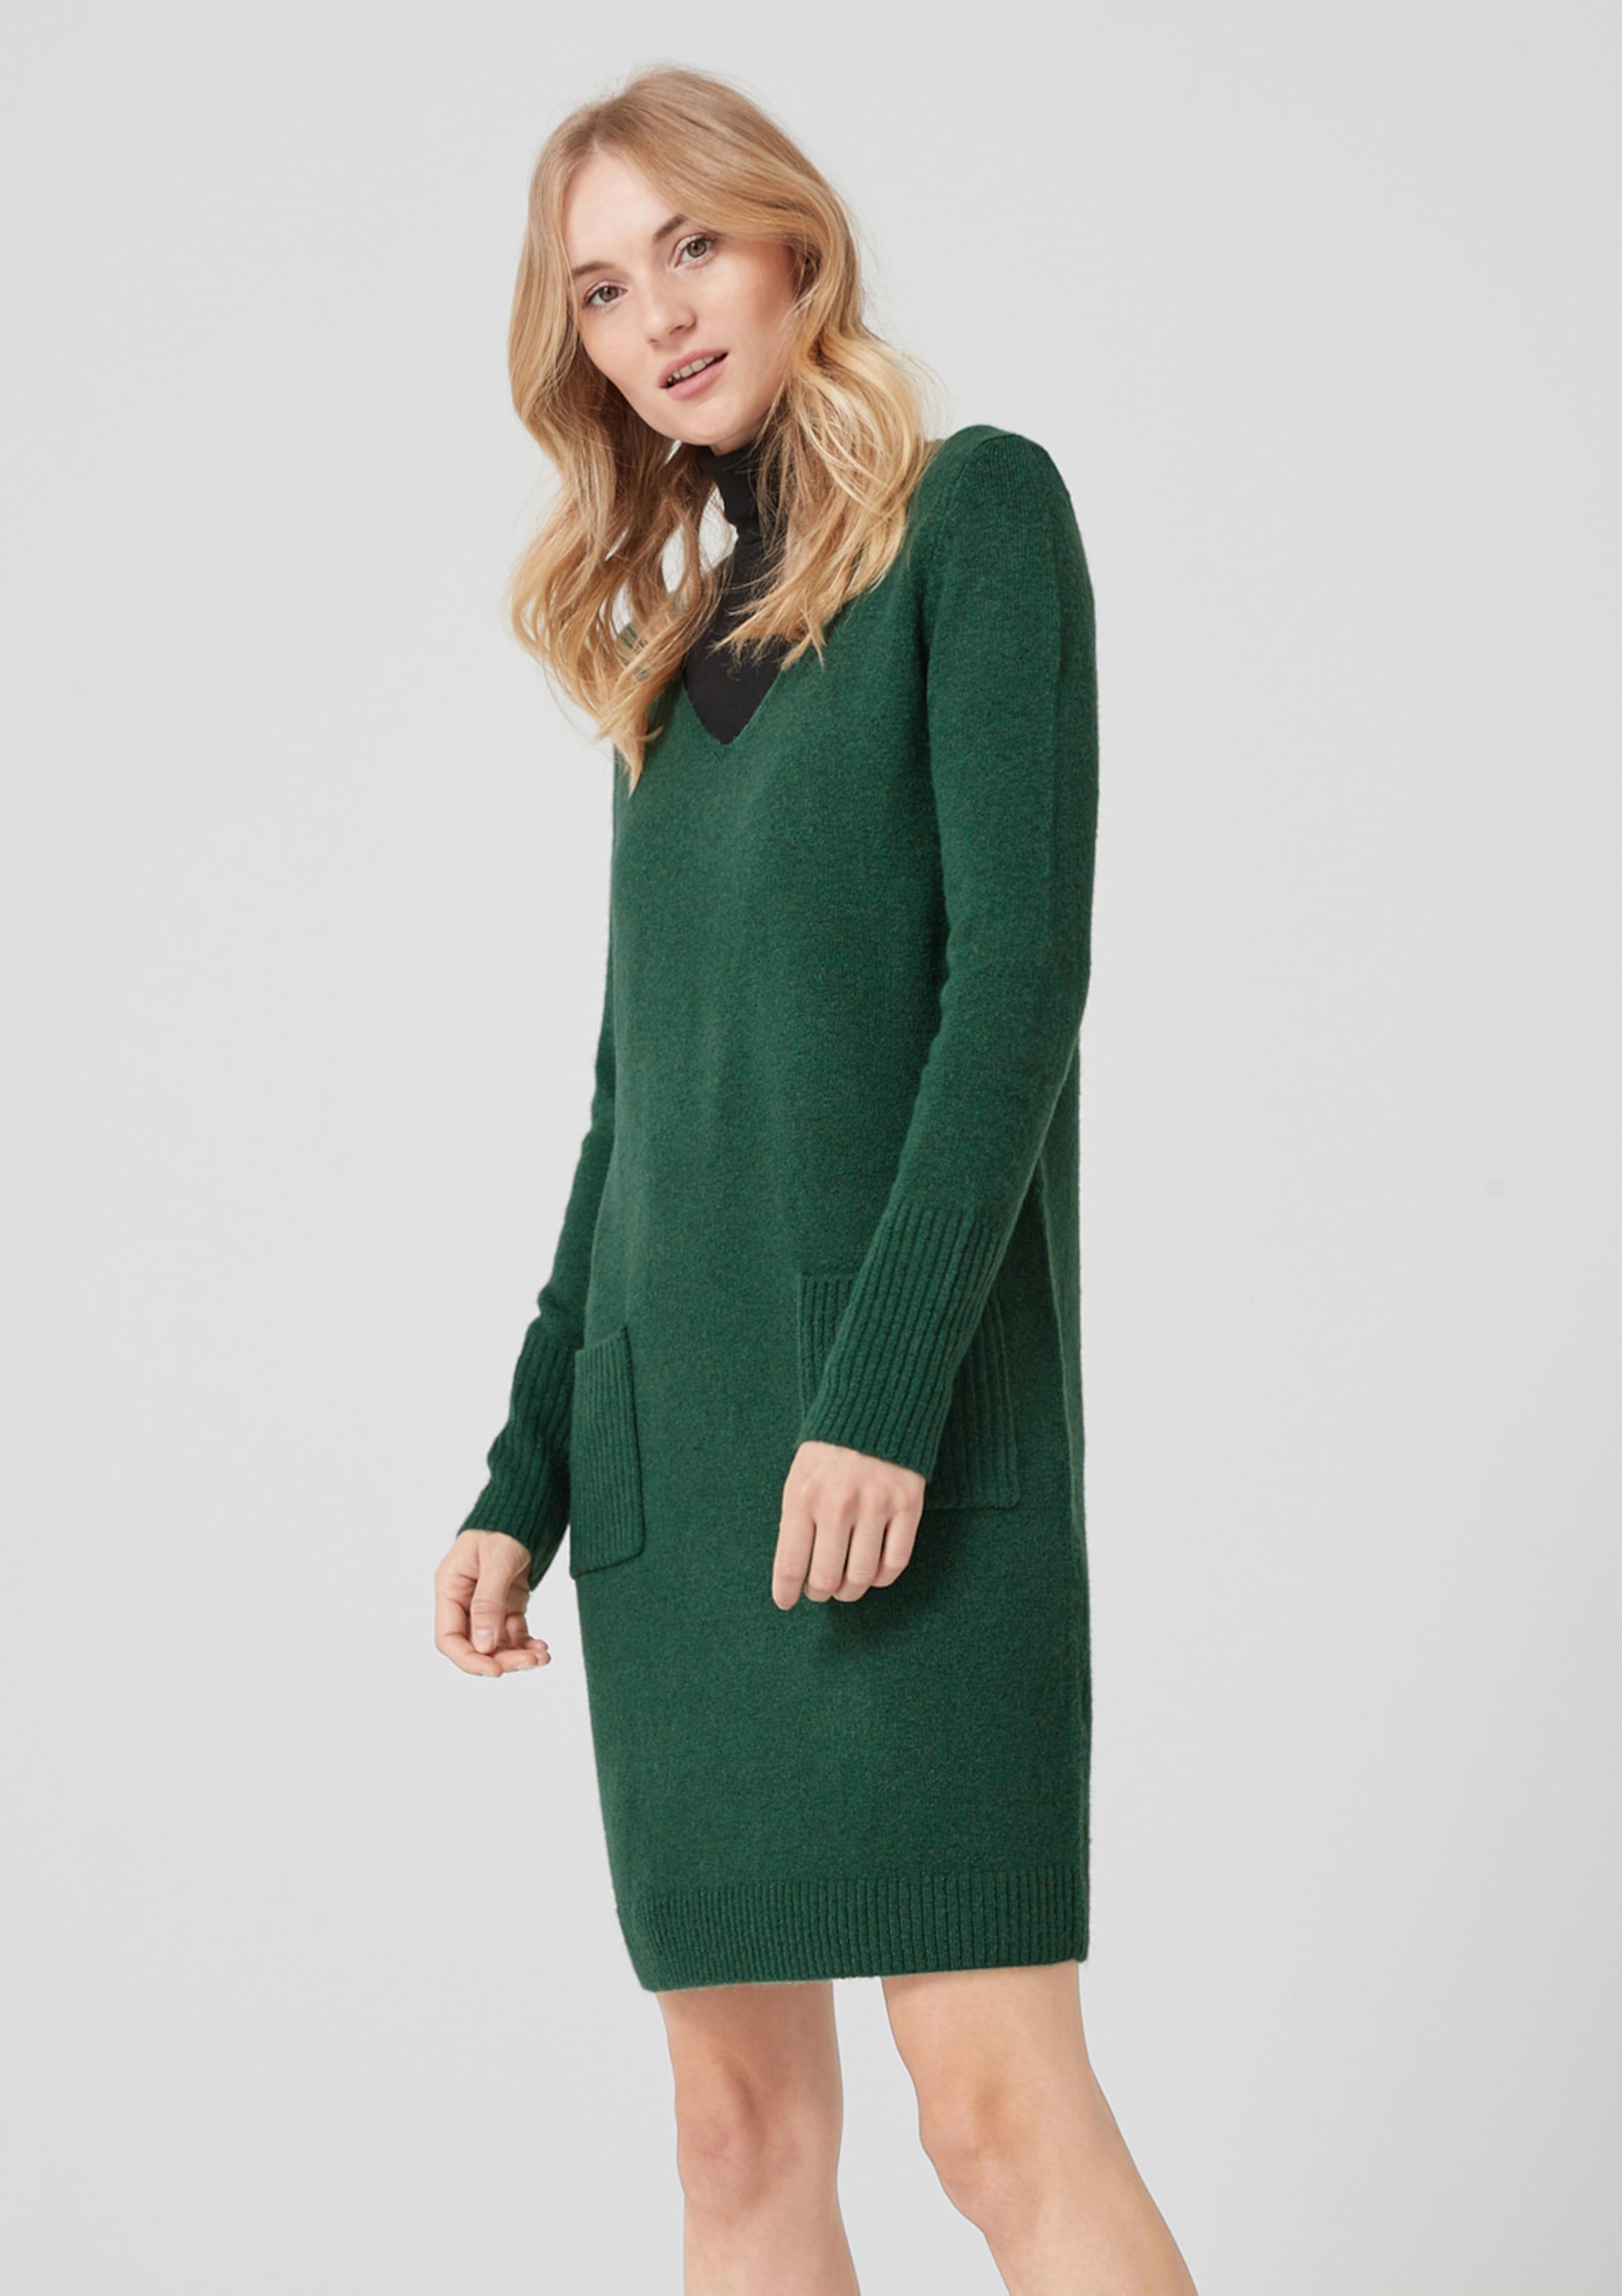 Kleid In Grün Red S Label oliver EHWY9D2I